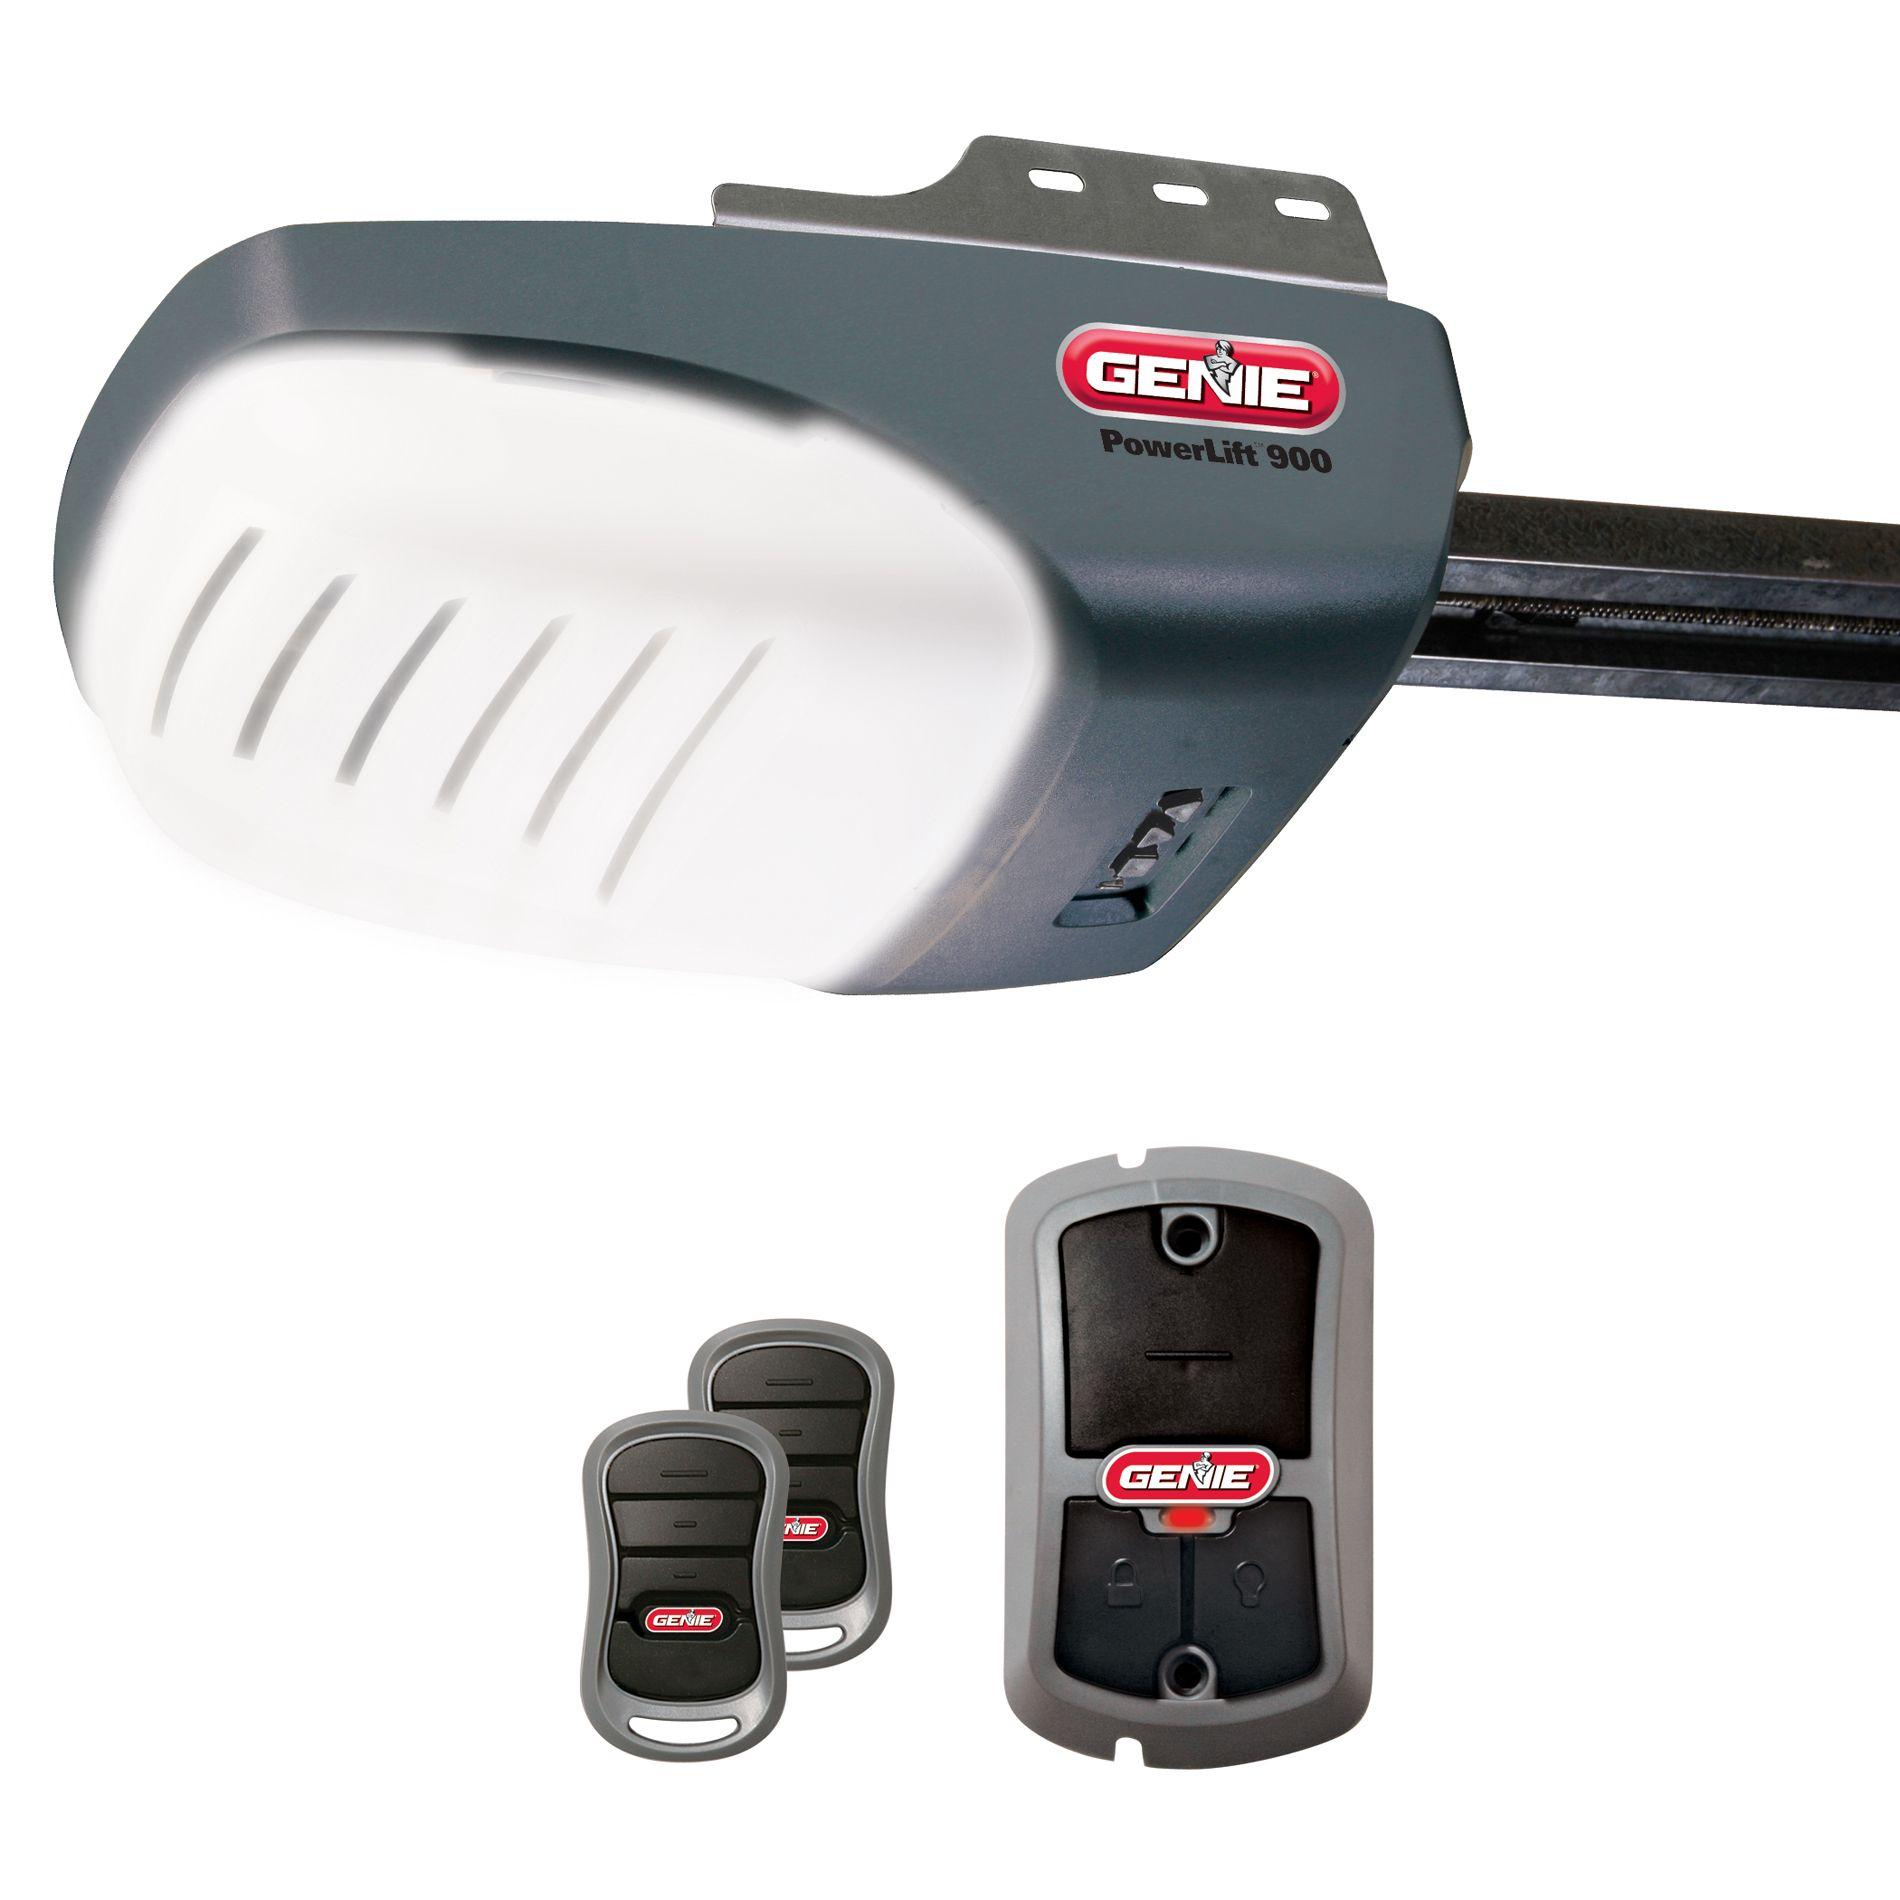 Genie PowerLift 900 1/2 HP Screw Drive Garage Door